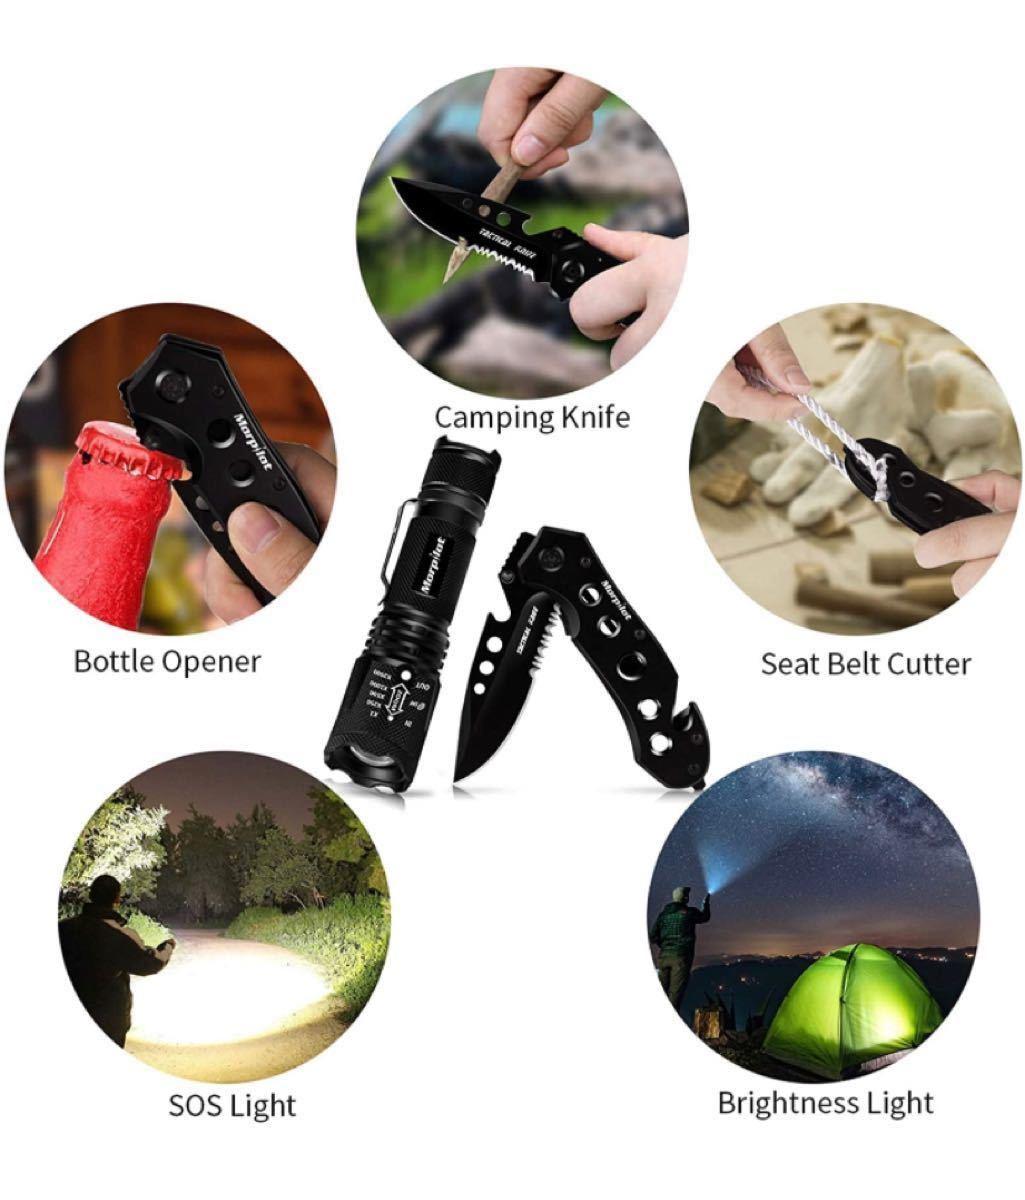 サバイバルナイフ Morpilot キャンプ ナイフ 5 in 1 フォールディングナイフとズーム式5モードLED懐中電灯